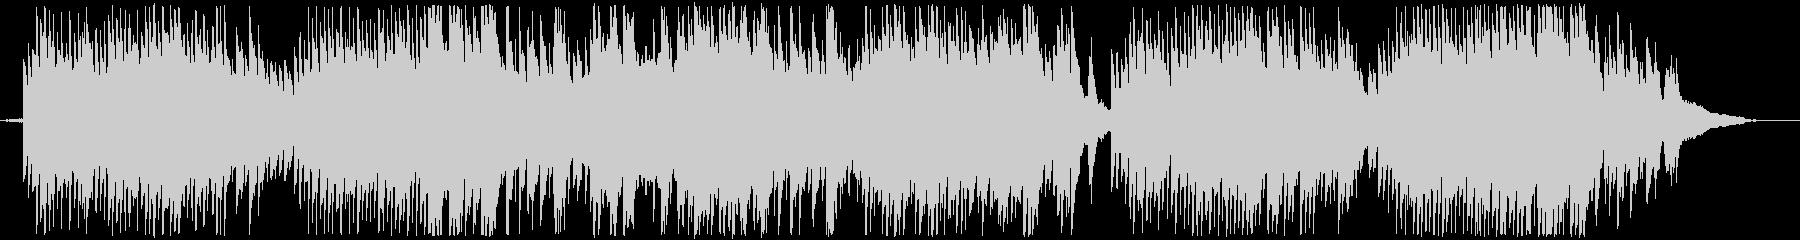 オリジナル曲です。ブライダル用BGMな…の未再生の波形